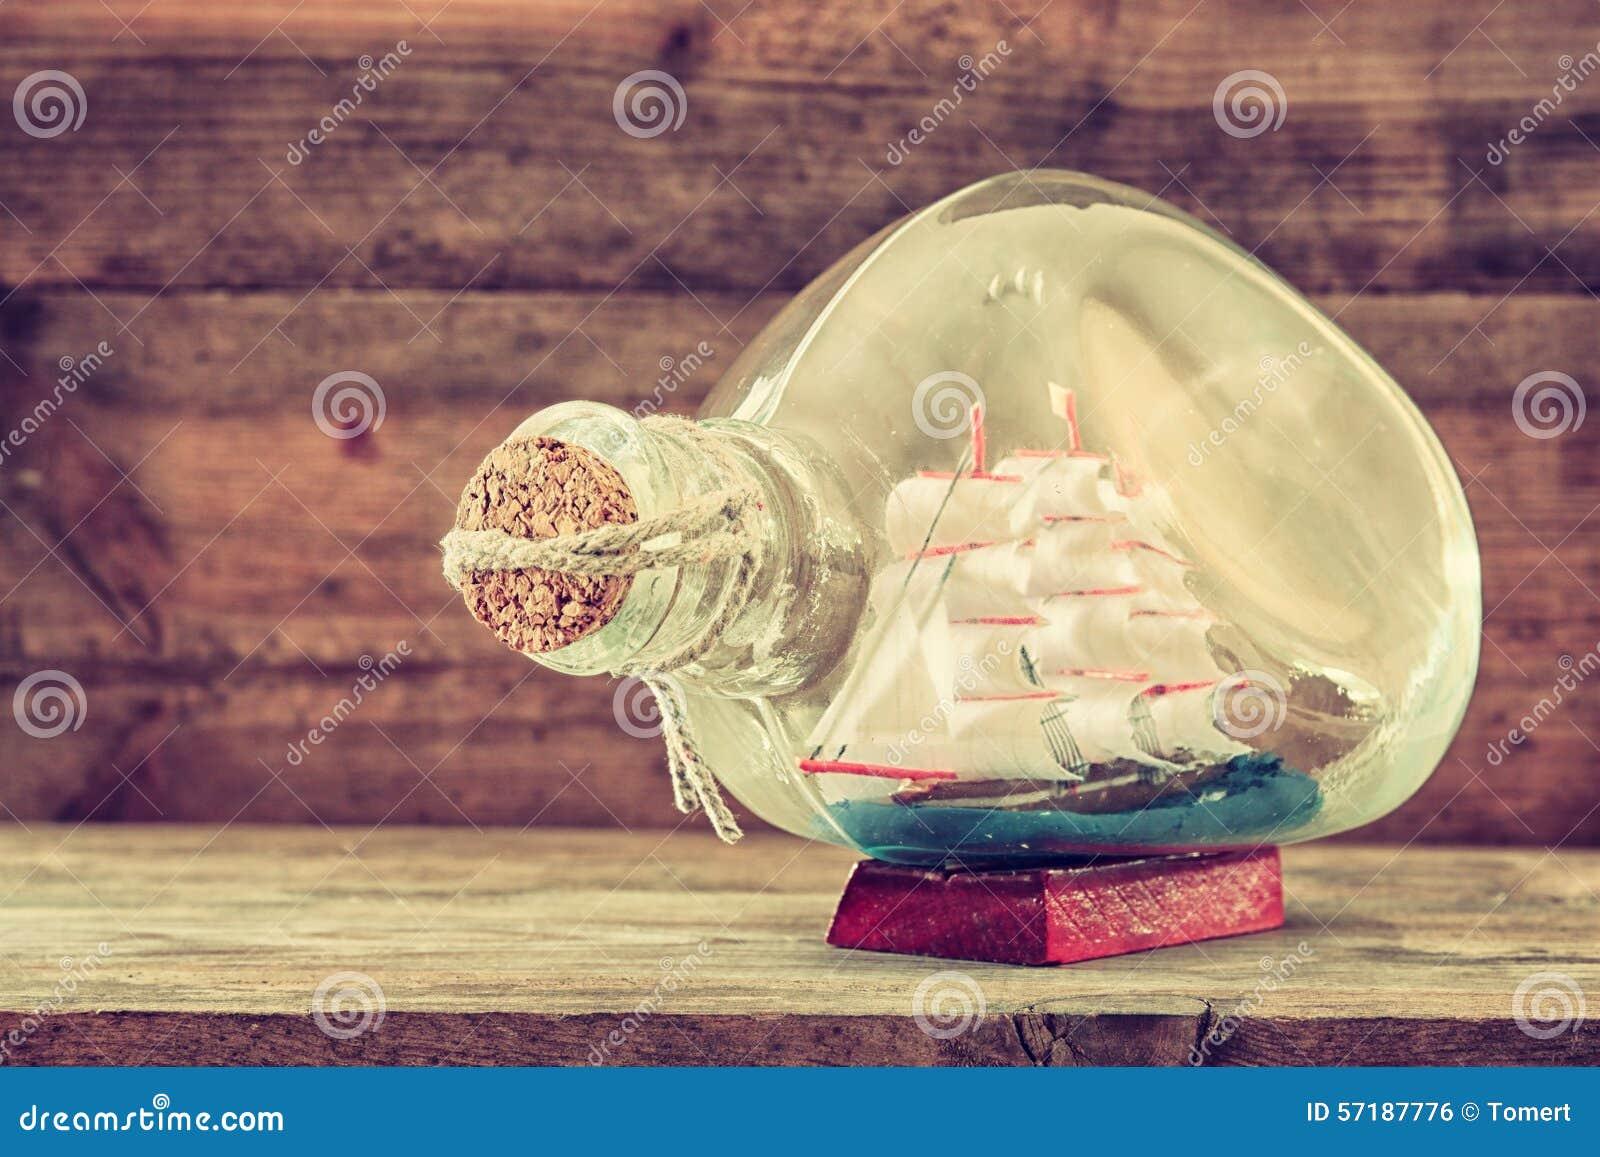 Imagen del barco decorativo en la botella en la tabla de madera Concepto náutico imagen filtrada retra